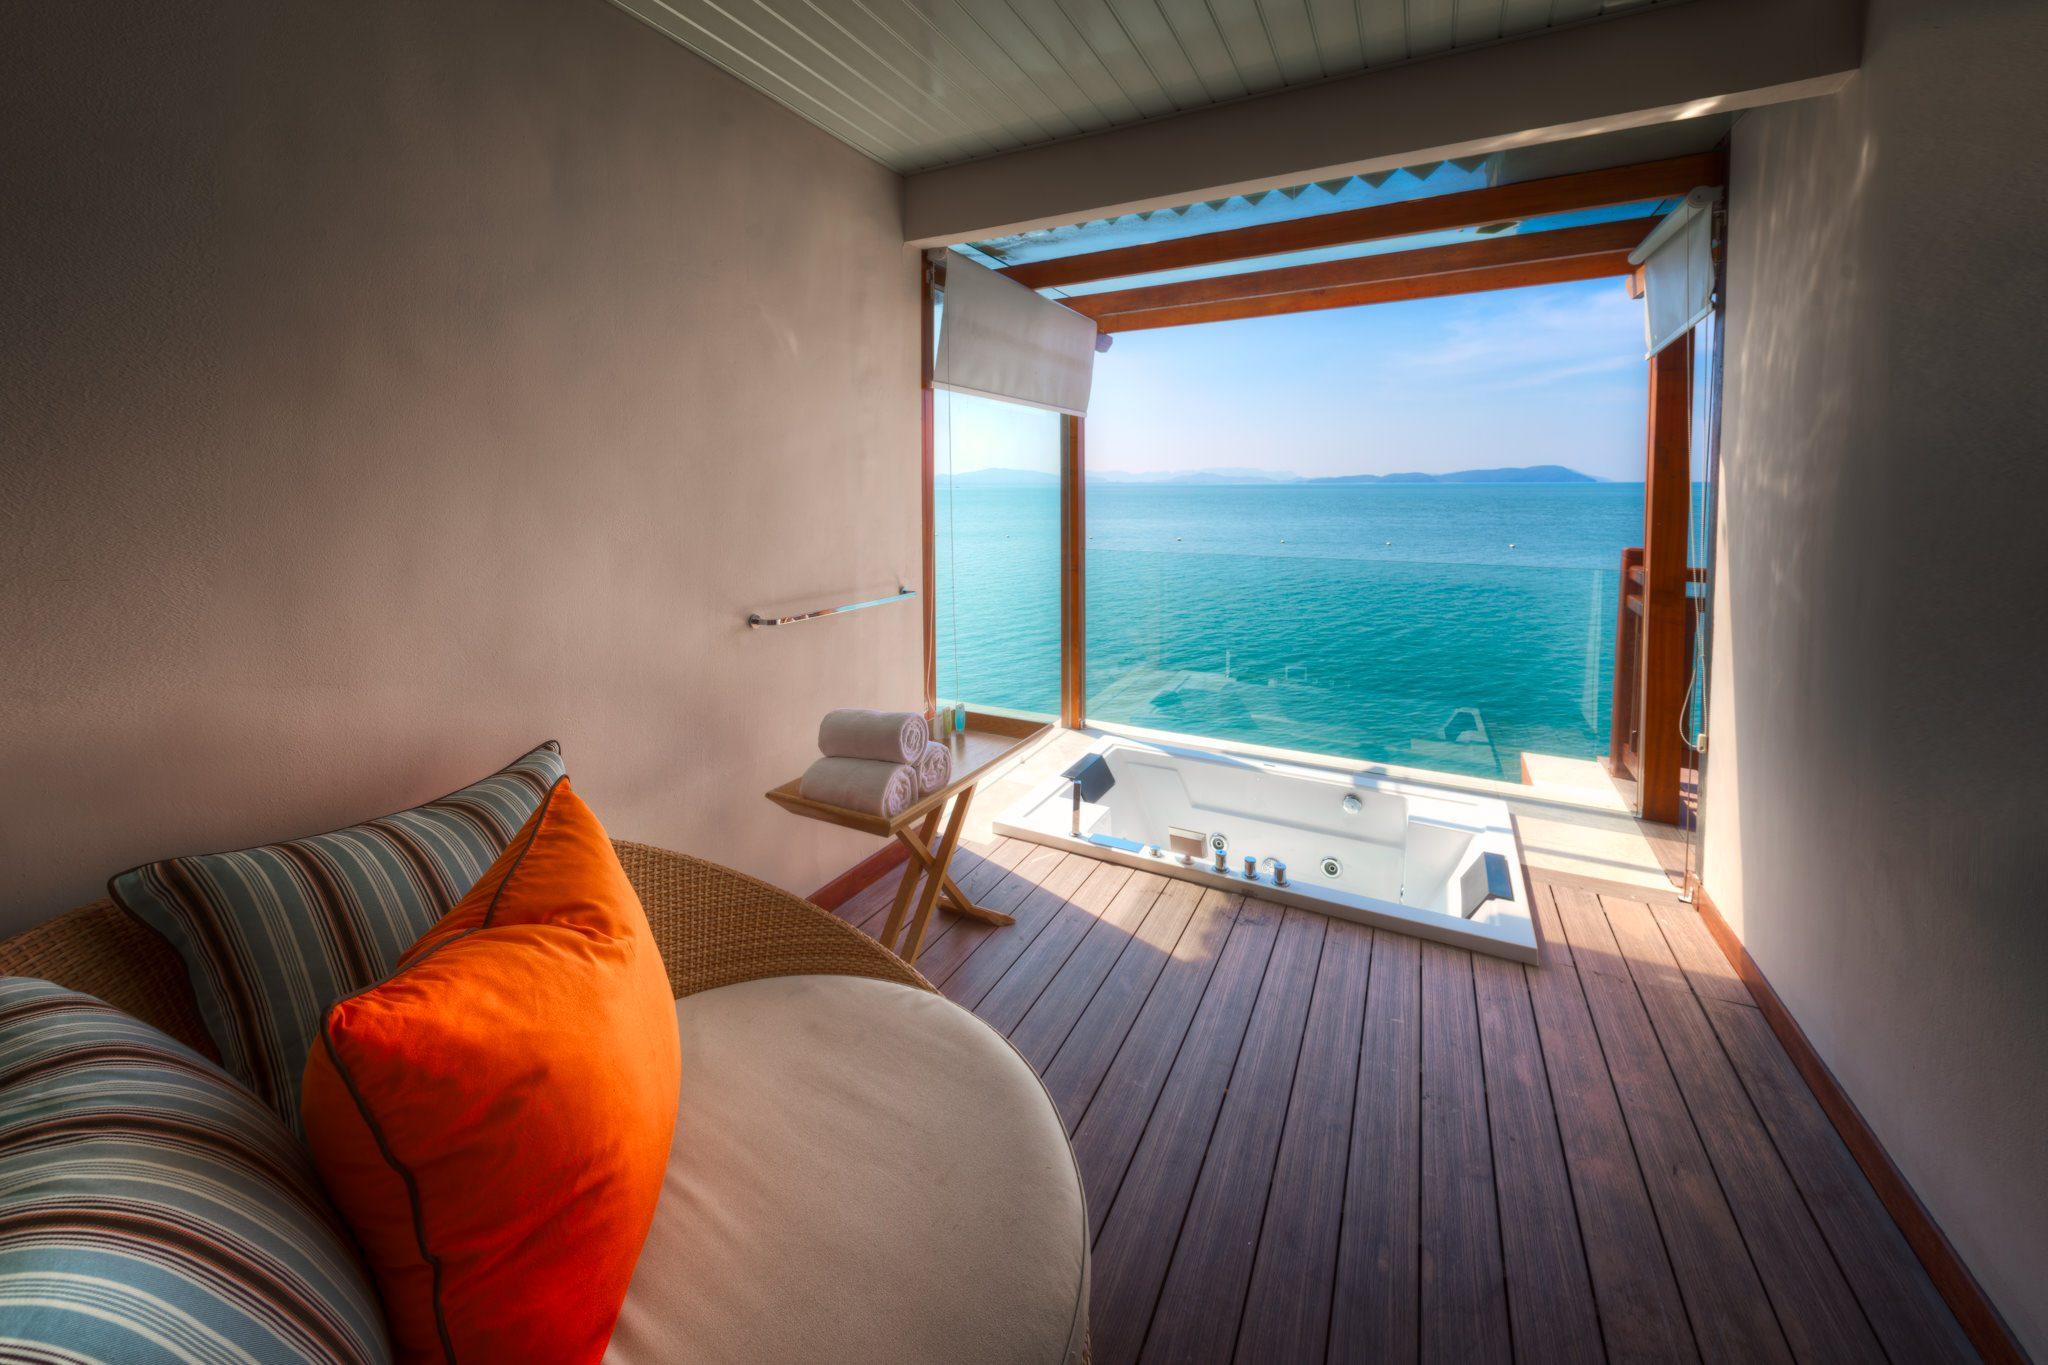 Berjaya Resort auf Langkawi, Malaysia - Badezimmer mit Aussicht.